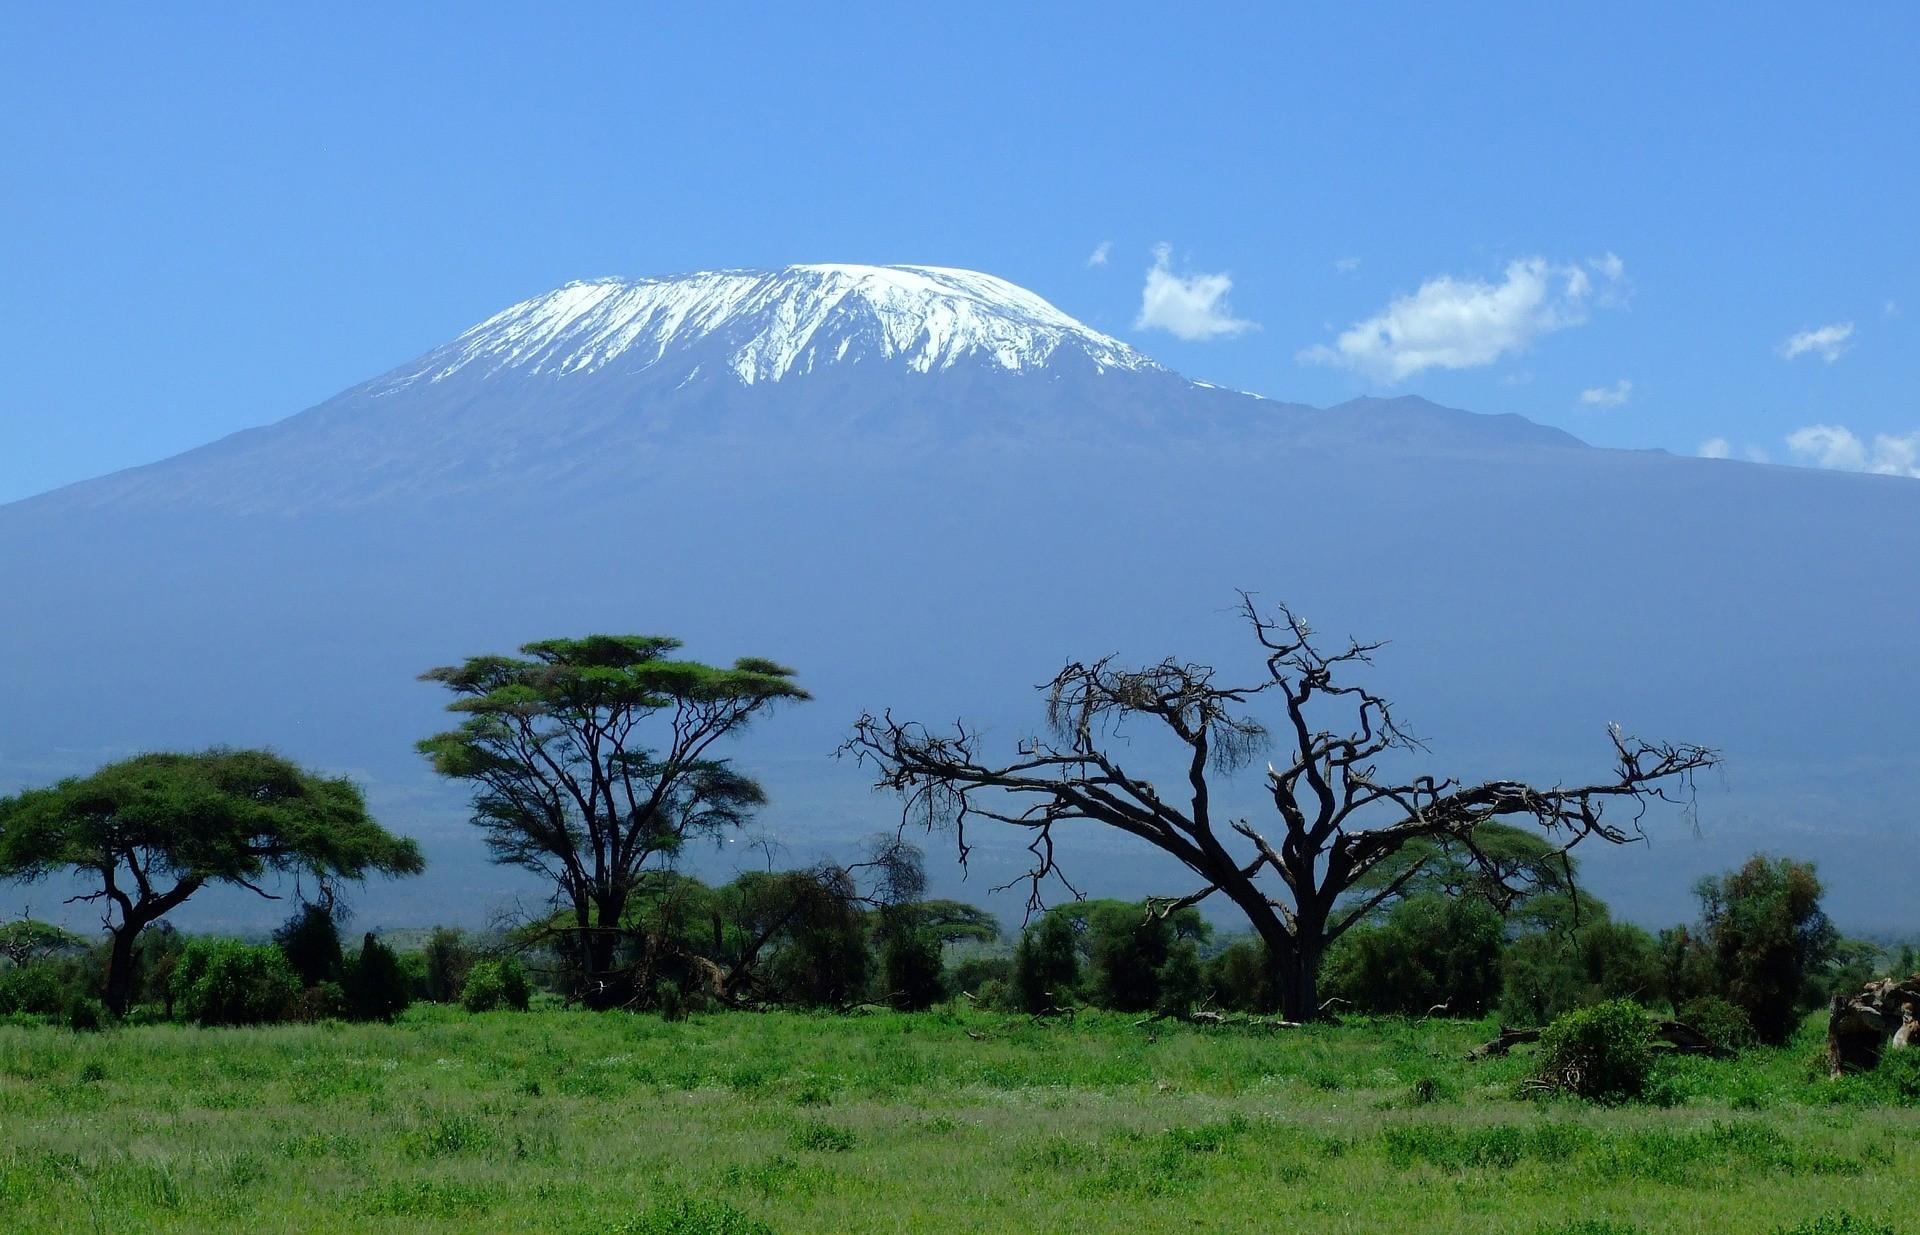 vistas del monte kilimanjaro desde amboseli, kenia